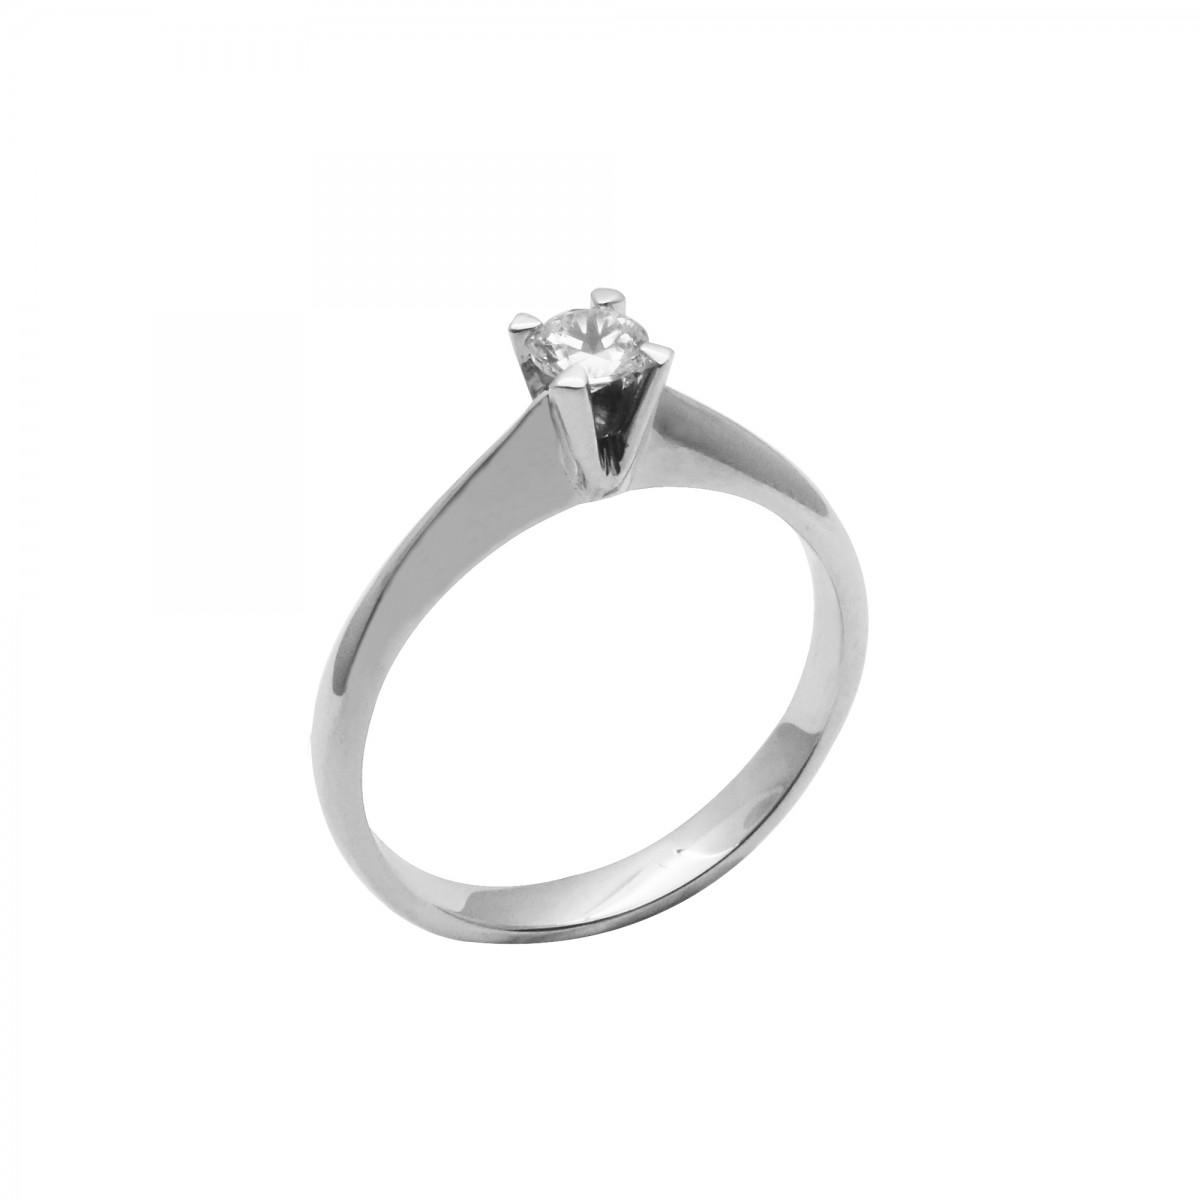 Μονόπετρο δαχτυλίδι λευκόχρυσο 14 καράτια με ζιργκόν - 174€ 3d6892eb38a